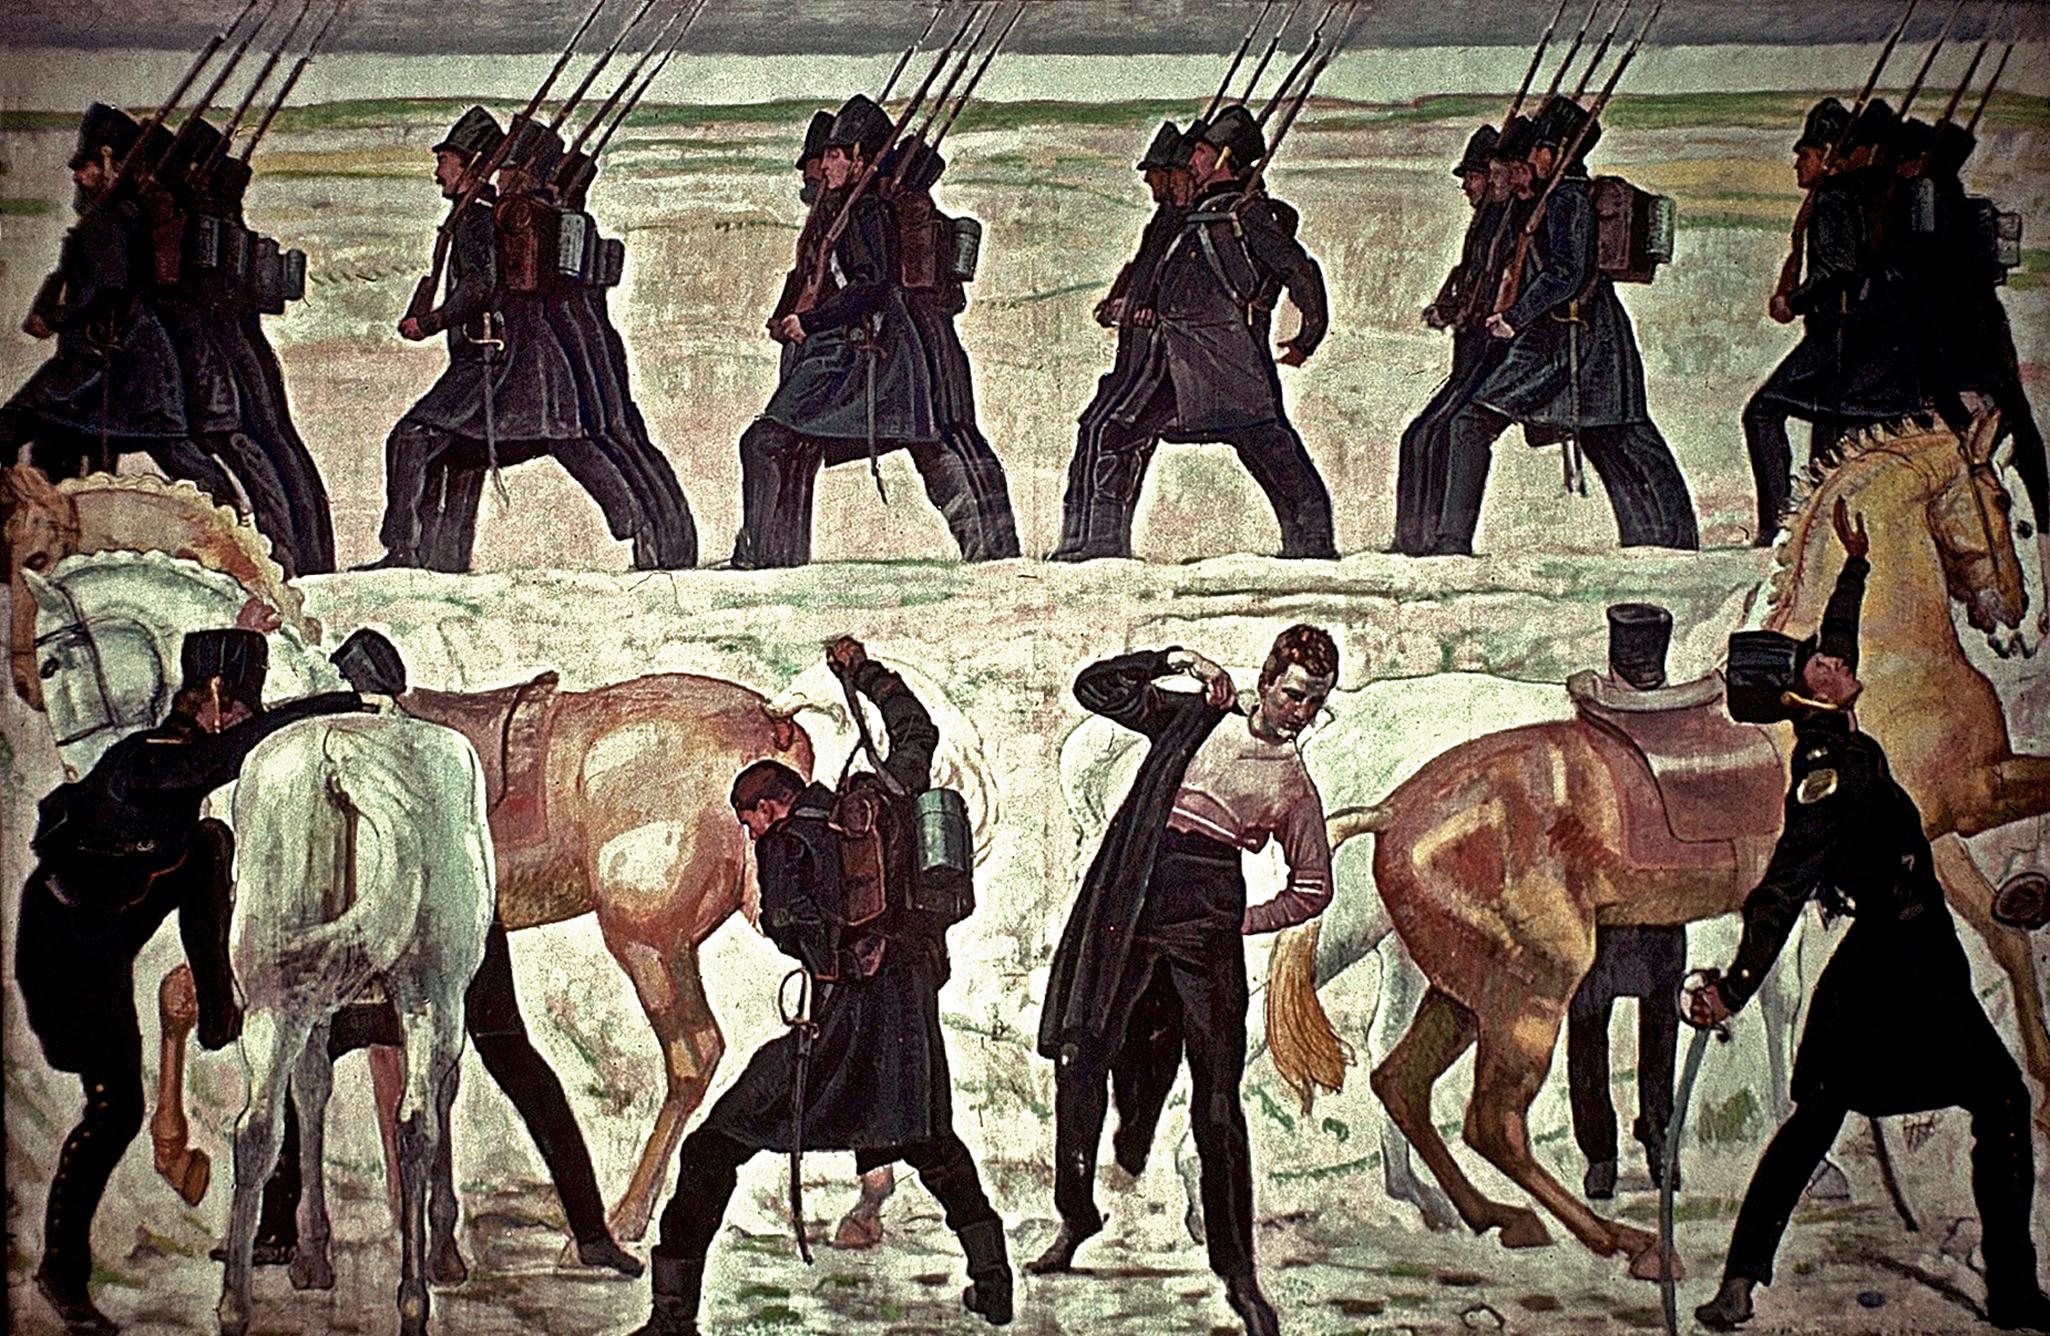 Harcba indulnak a jénai diákok, 1813 (Ferdinand Hodler, 1908-09)